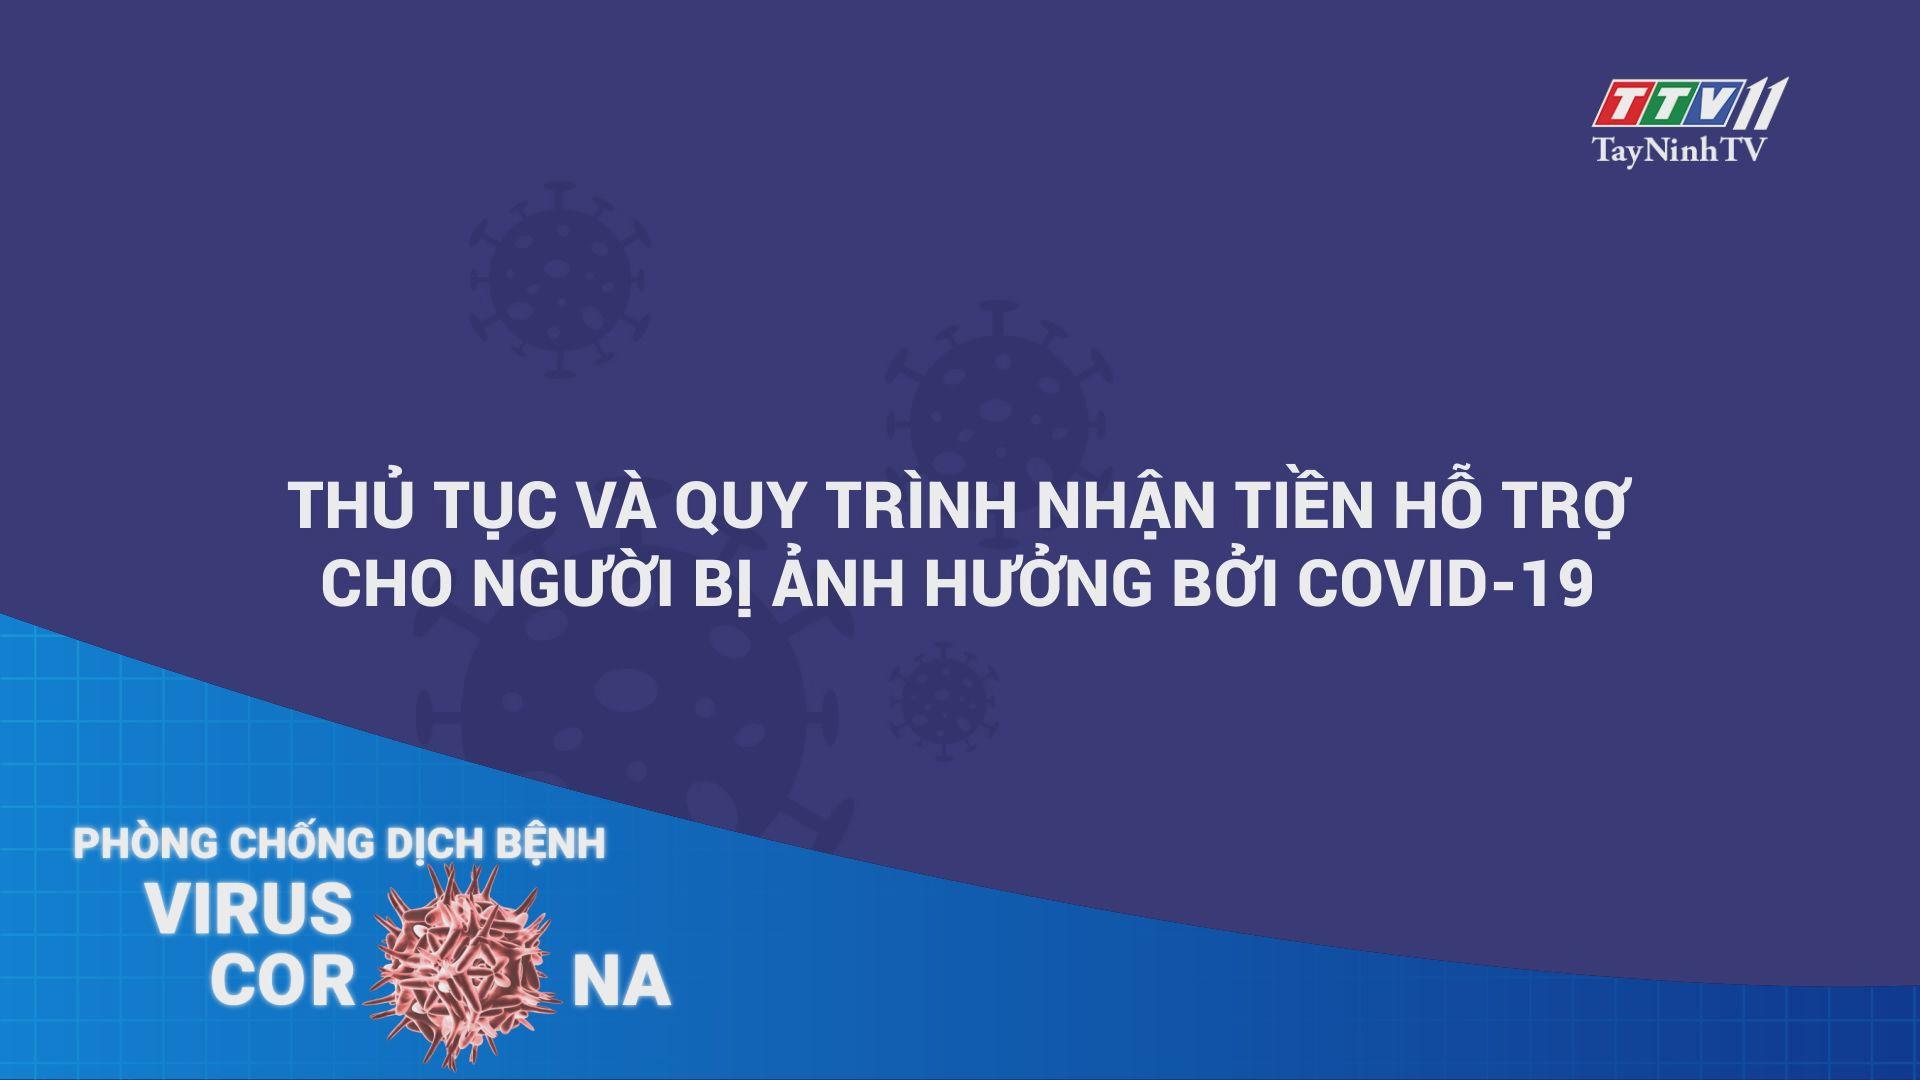 Thủ tục và quy trình nhận tiền hỗ trợ cho người bị ảnh hưởng bởi dịch Covid-19 | THÔNG TIN DỊCH CÚM COVID-19 | TayNinhTV